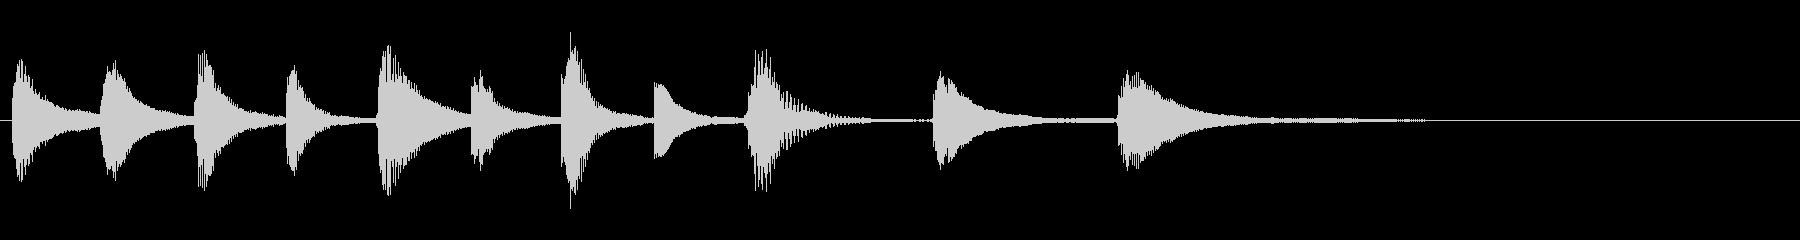 オープニングやラストに使えるサウンドロゴの未再生の波形